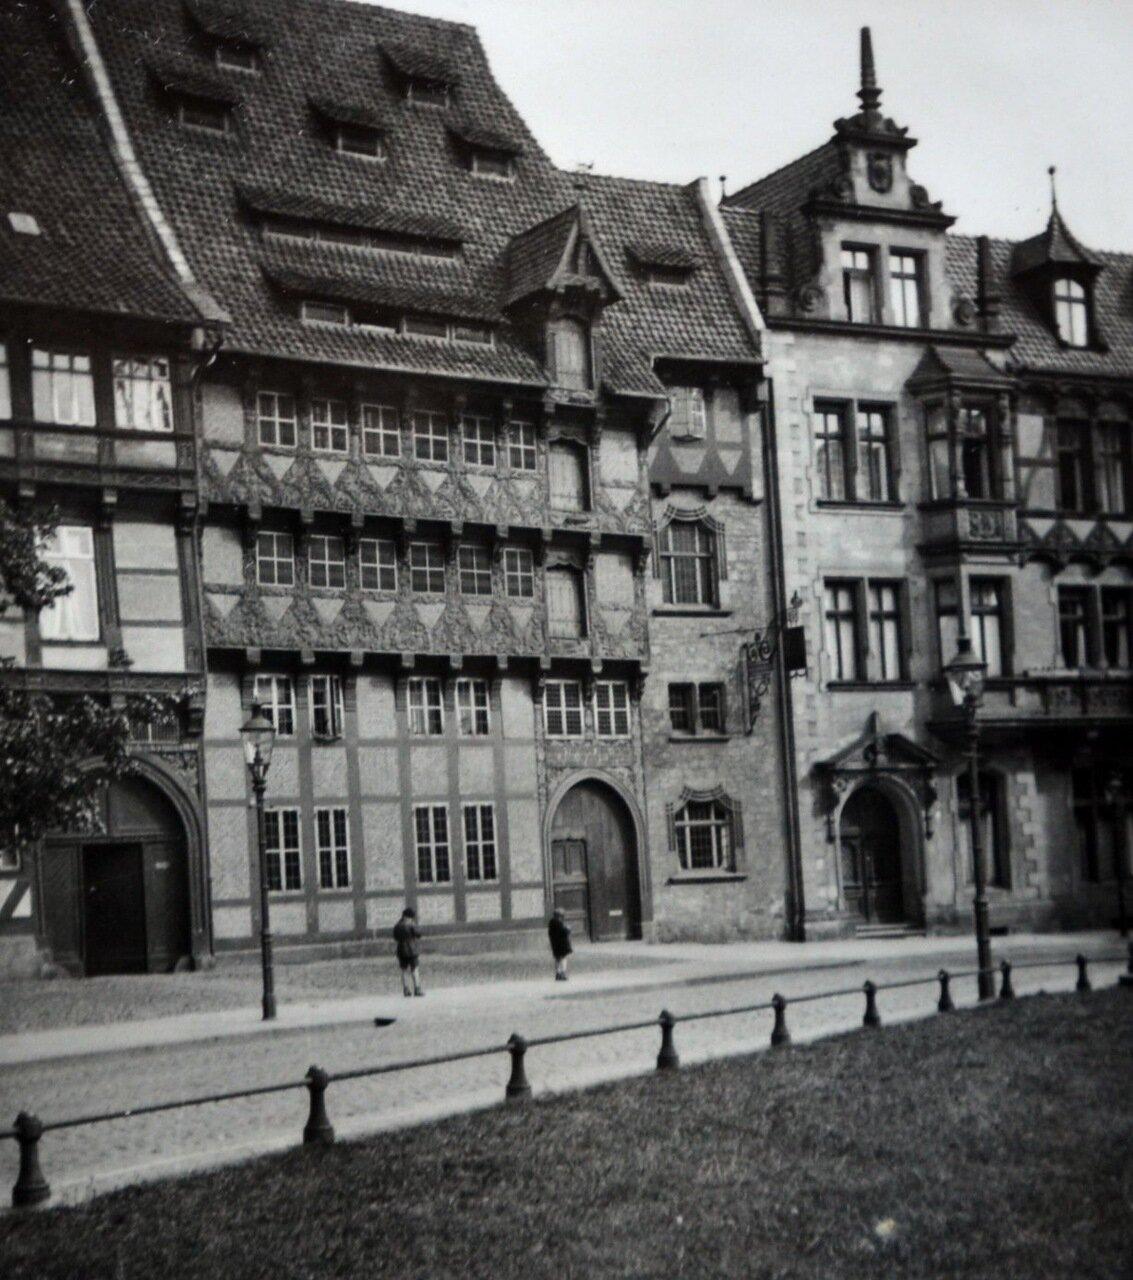 Брауншвейг. Уличная сцена в Старом городе. 1933